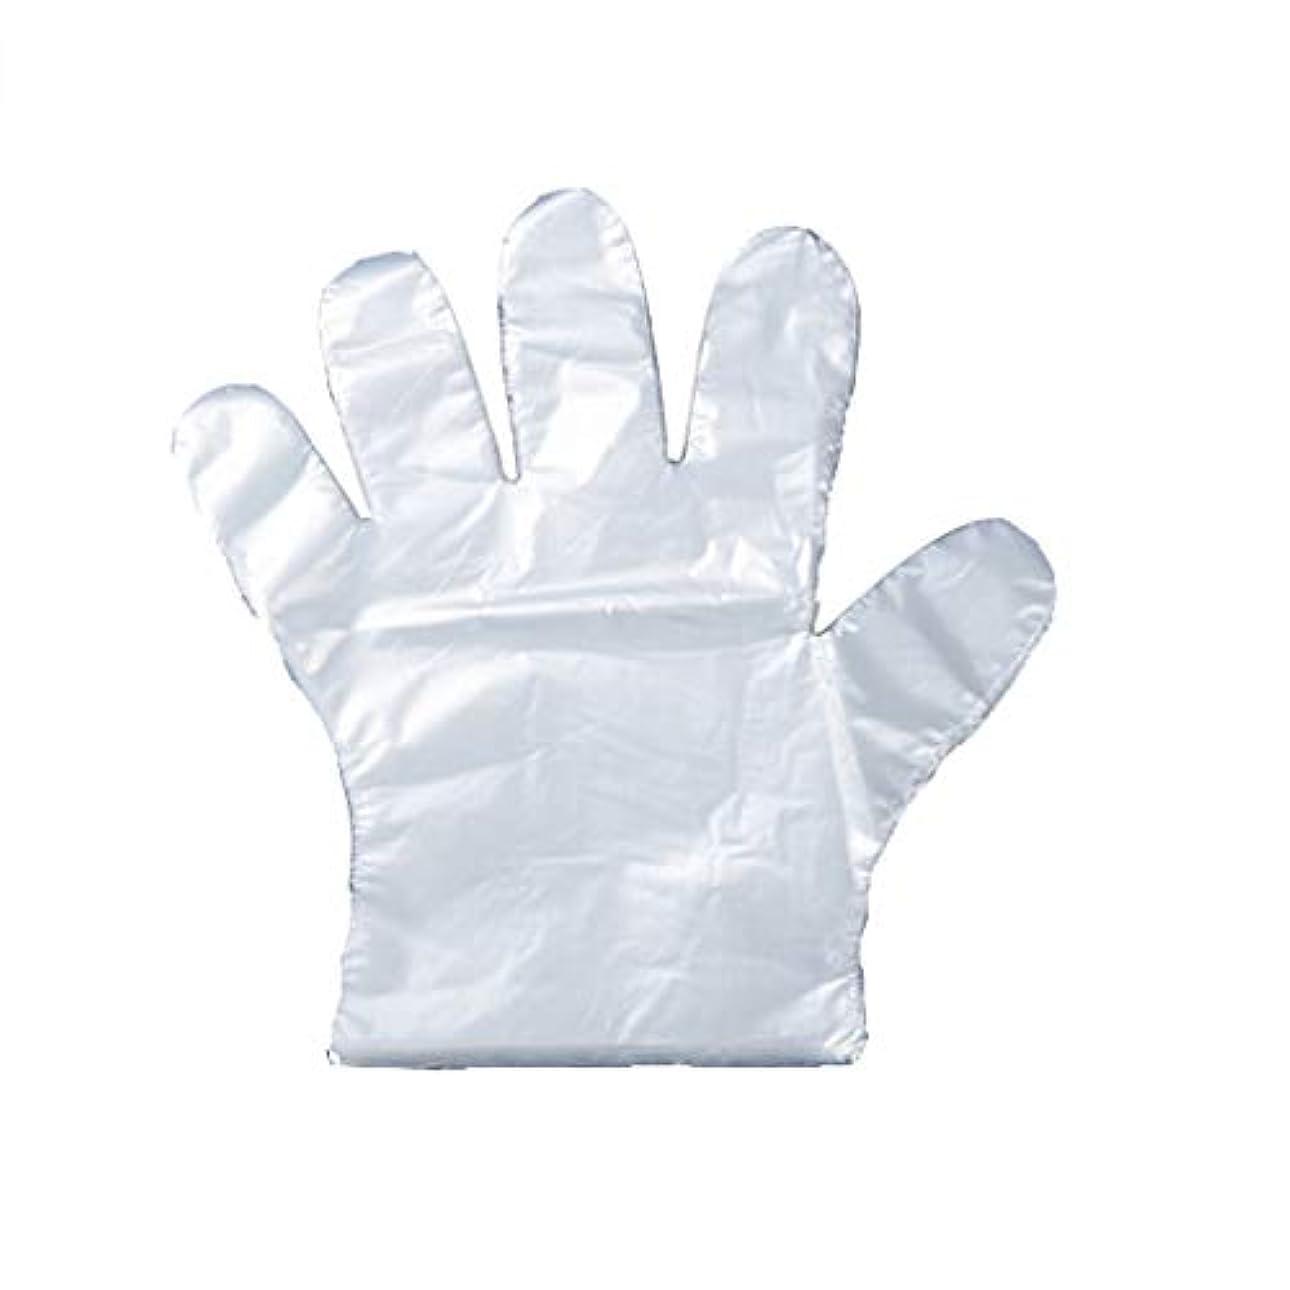 元の叫ぶペニー手袋の使い捨て手袋のフィルム家庭用キッチンの食品は、透明PEプラスチック手袋100パッケージを厚くした (UnitCount : 200)